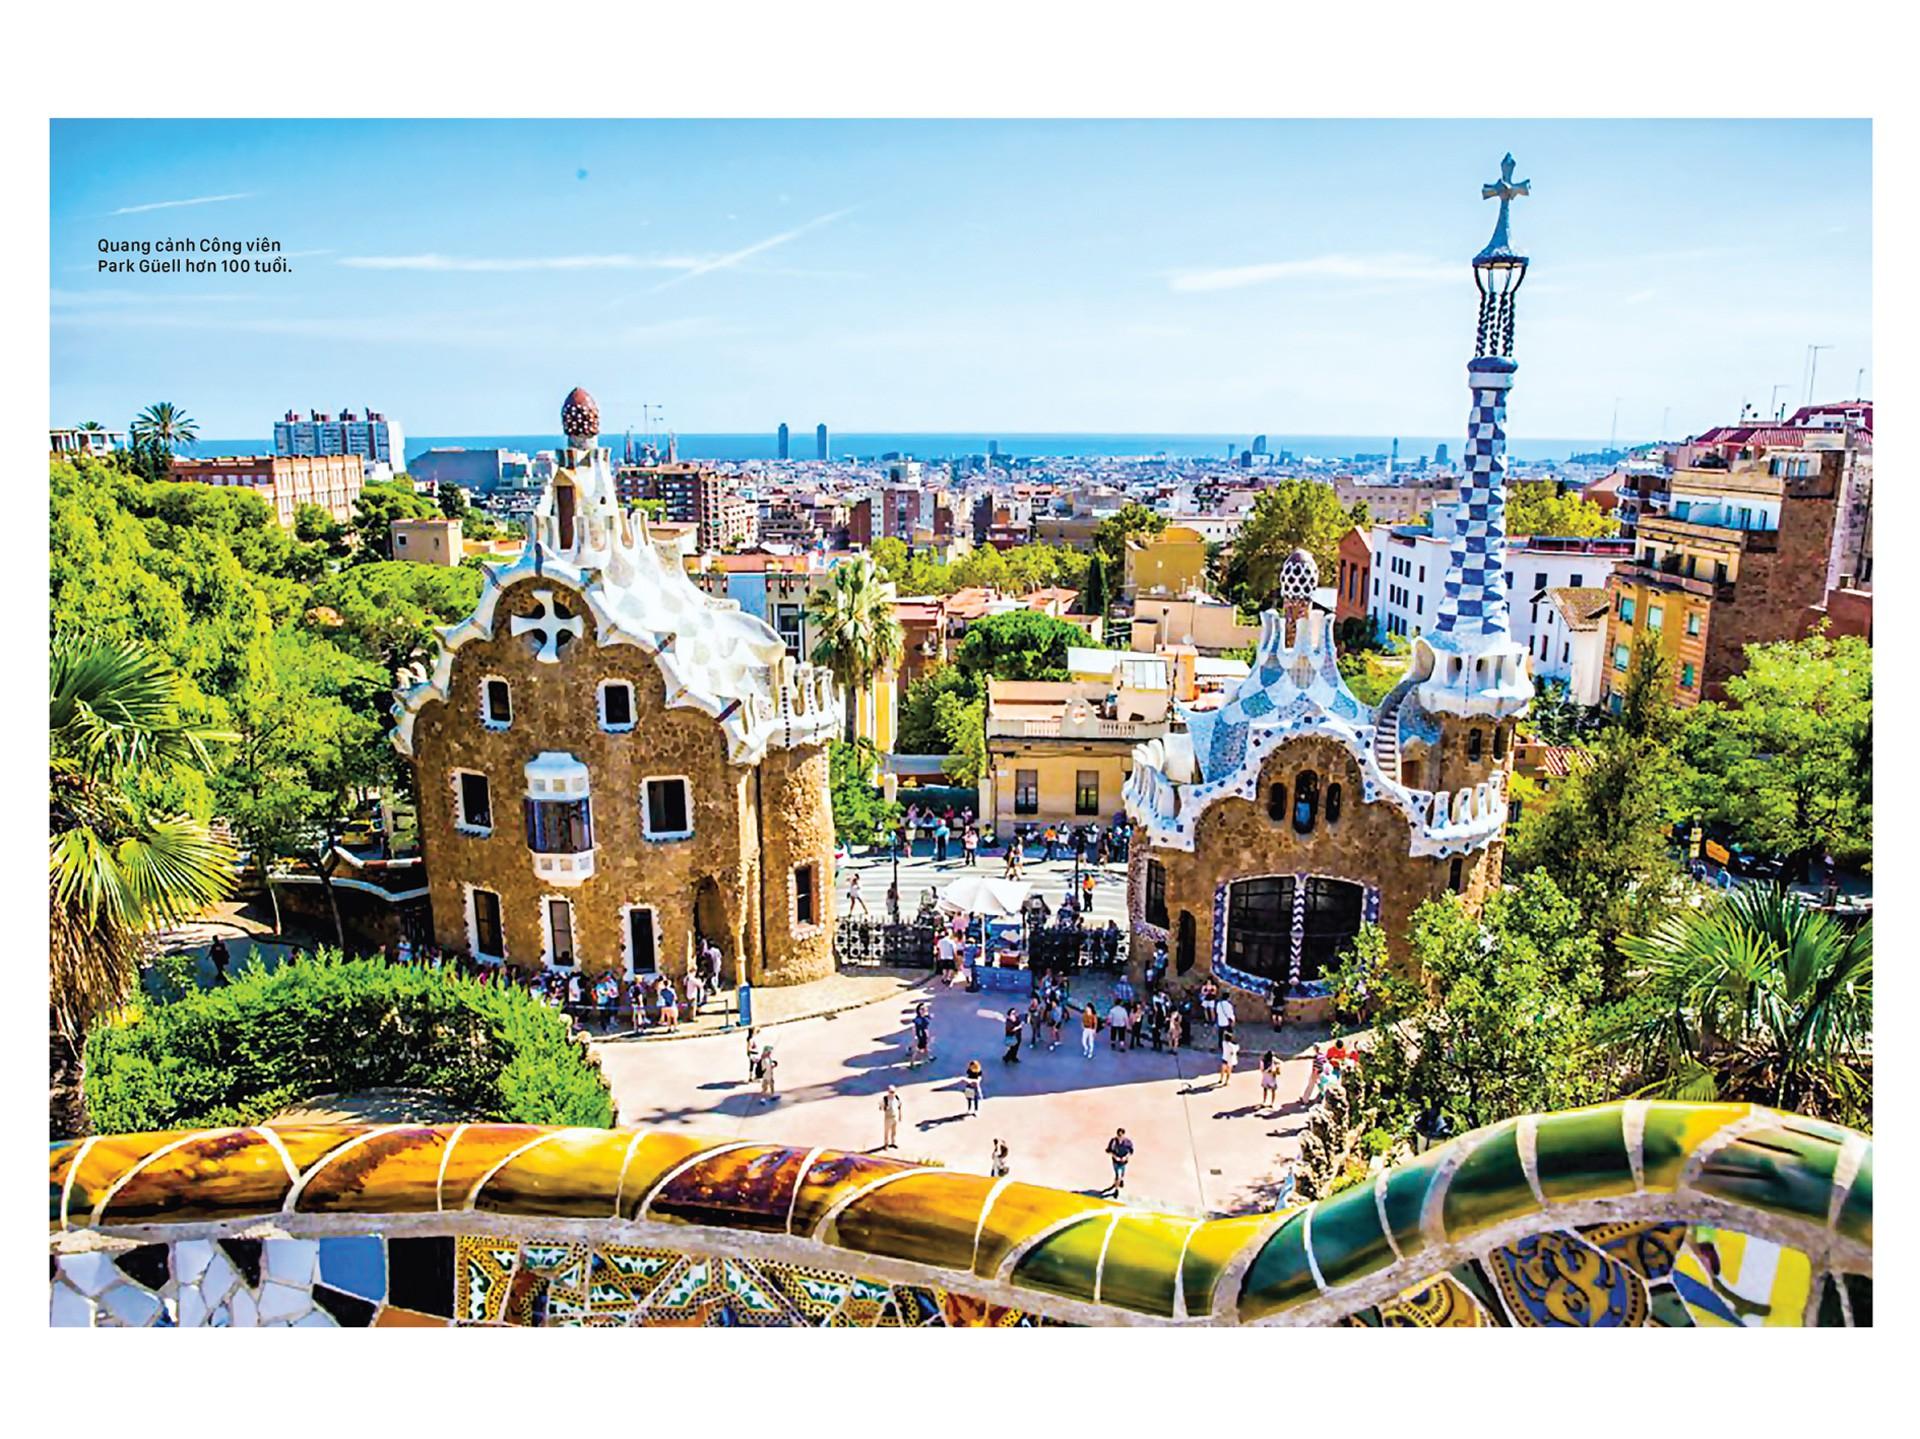 Thiên đường kiến trúc Gaudí ở Barcelona - Hình 1